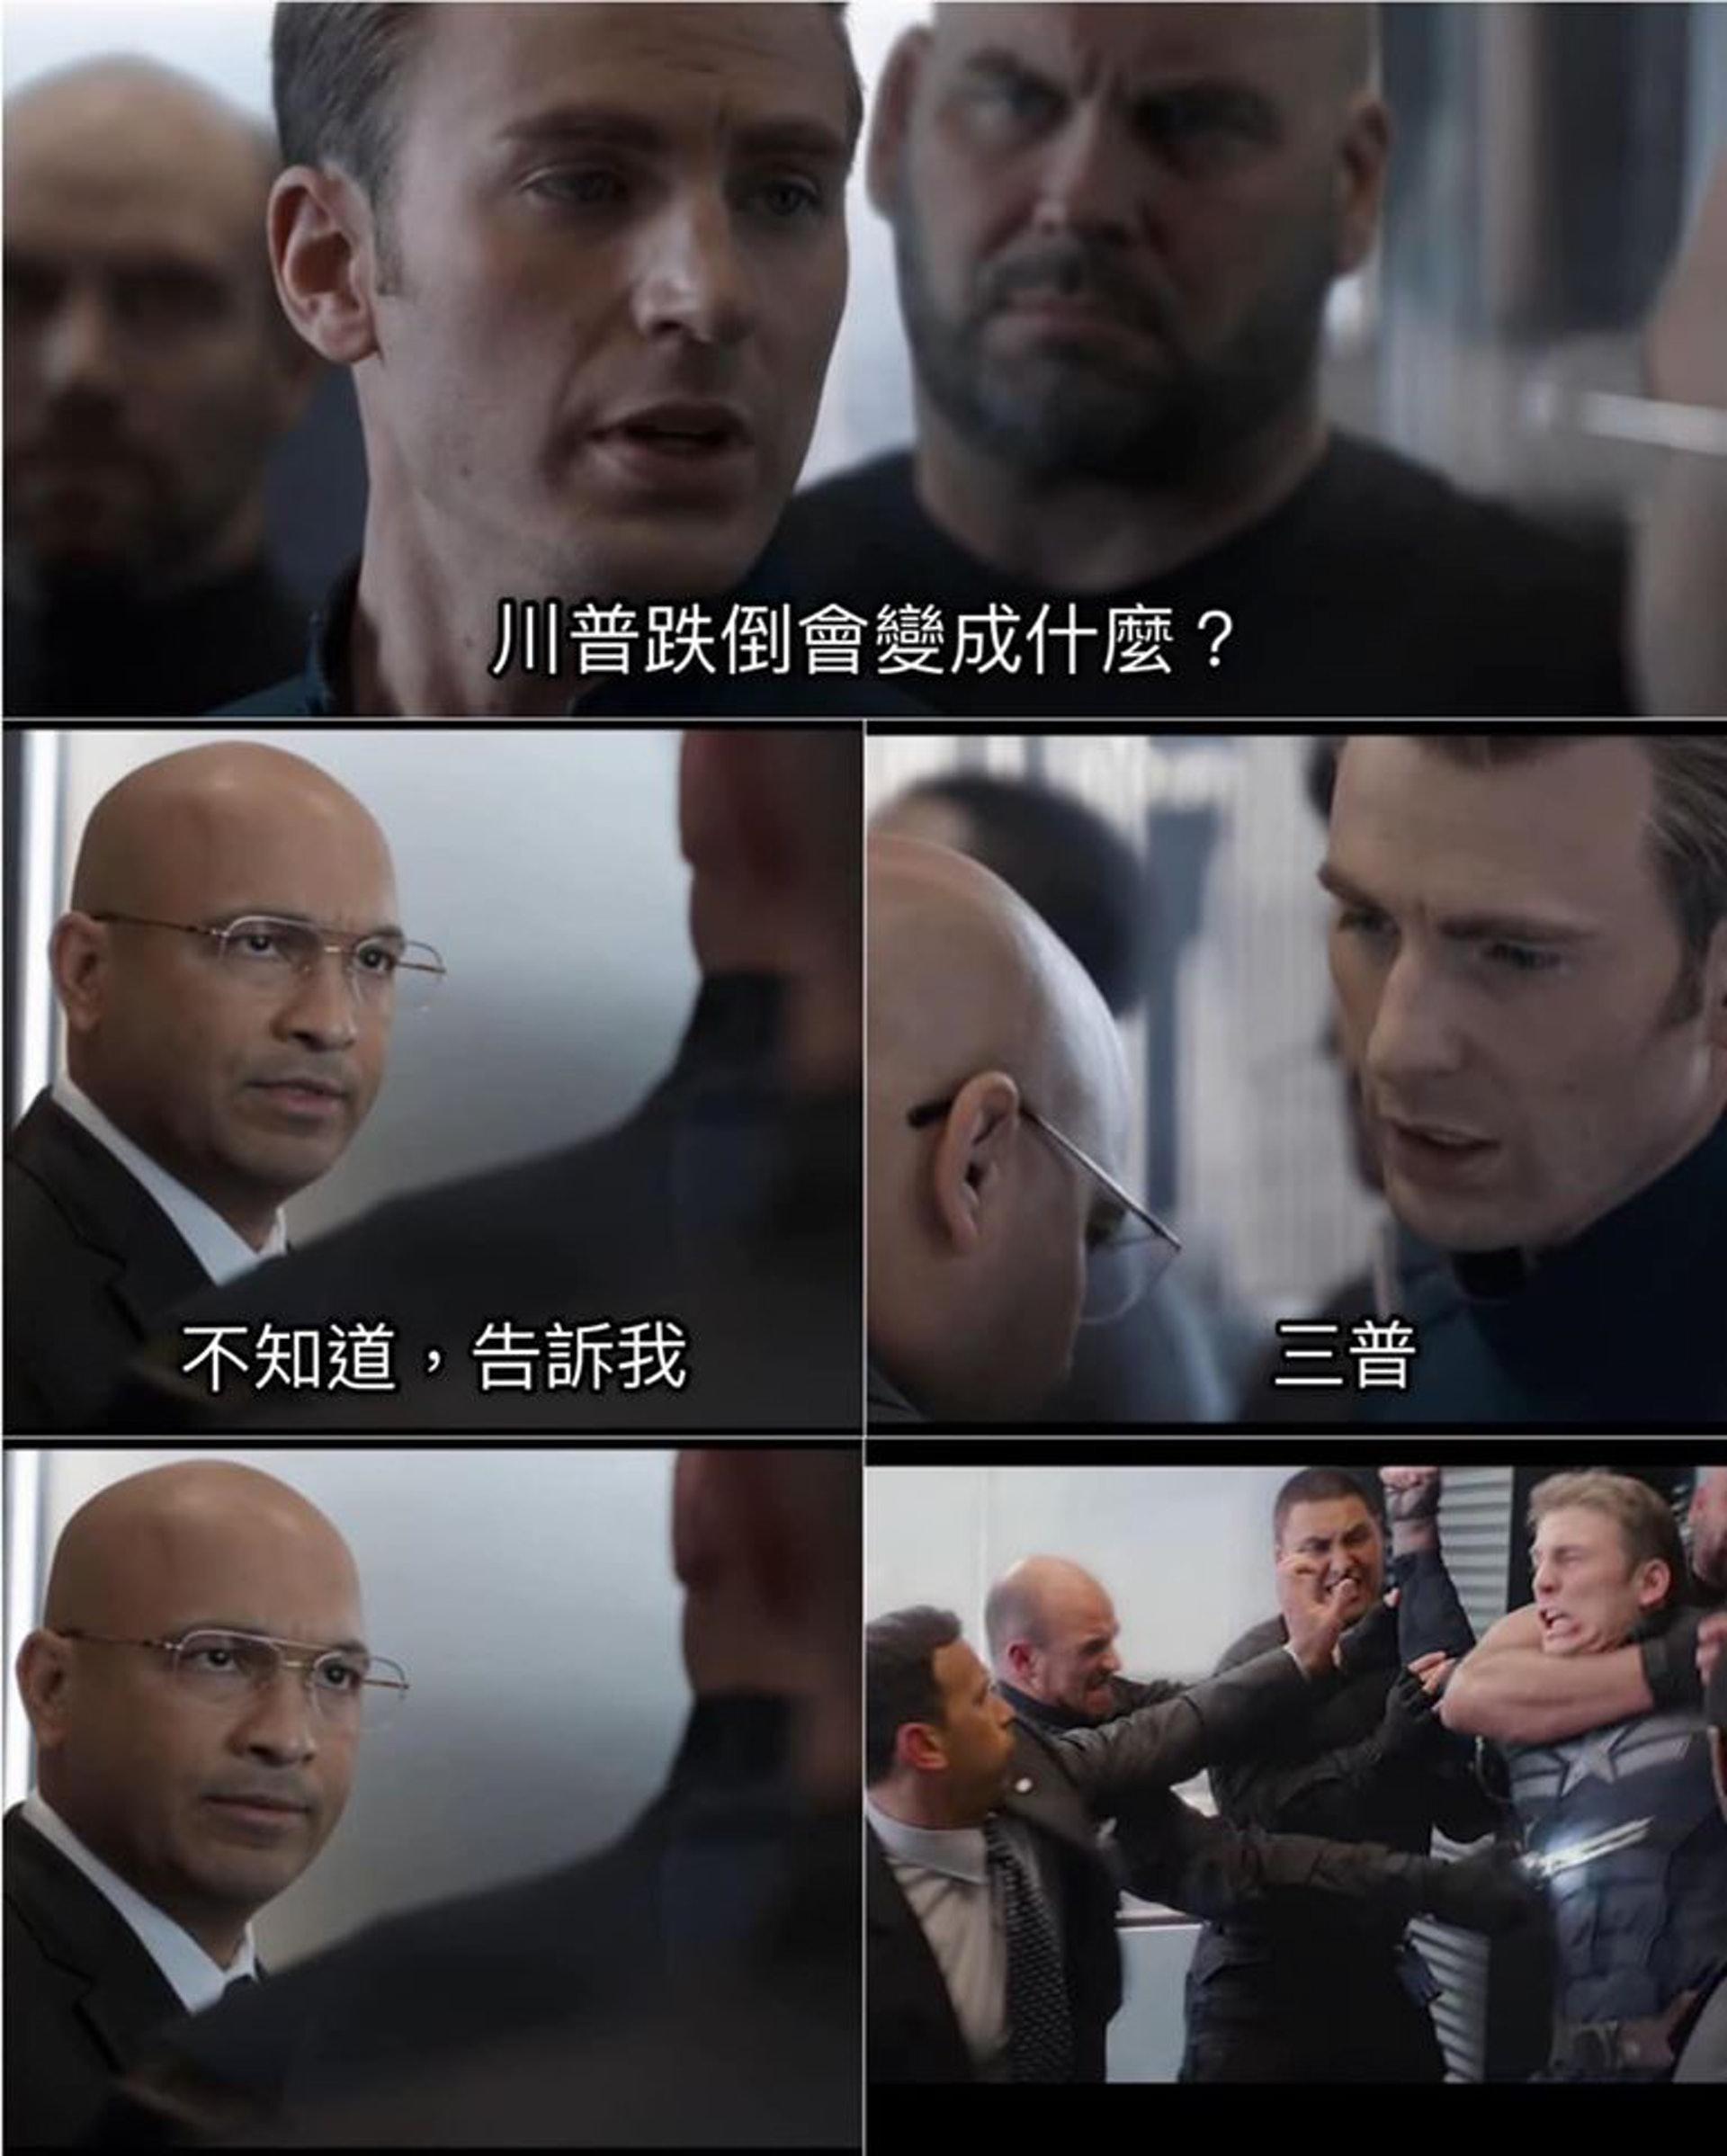 美國隊長講笑話改圖合集30個廢到笑爛GAG 最後一個超有梗|香港01|開罐